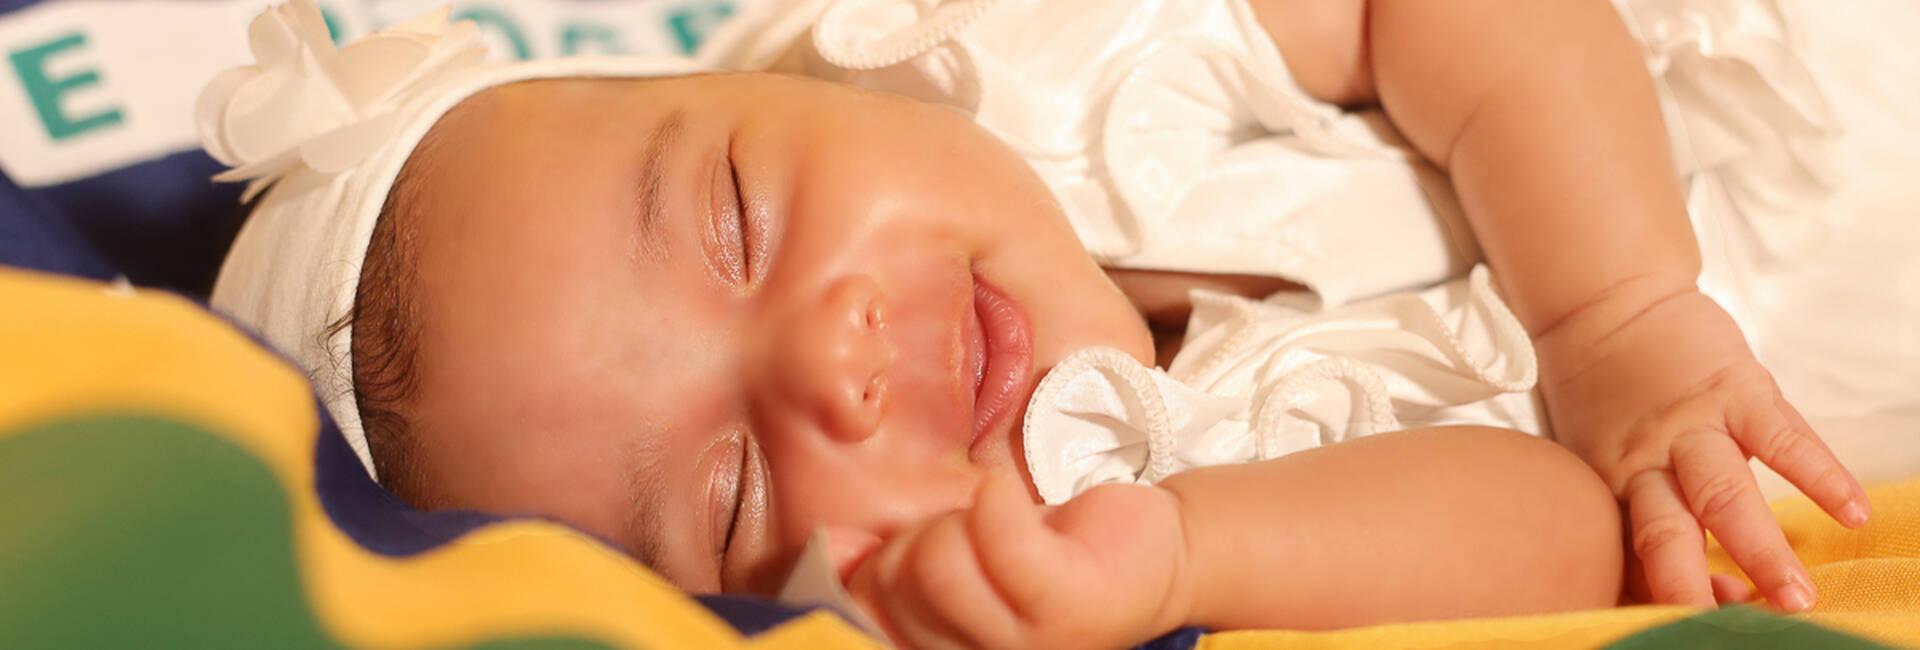 Newborn de Rebeca 23 dias